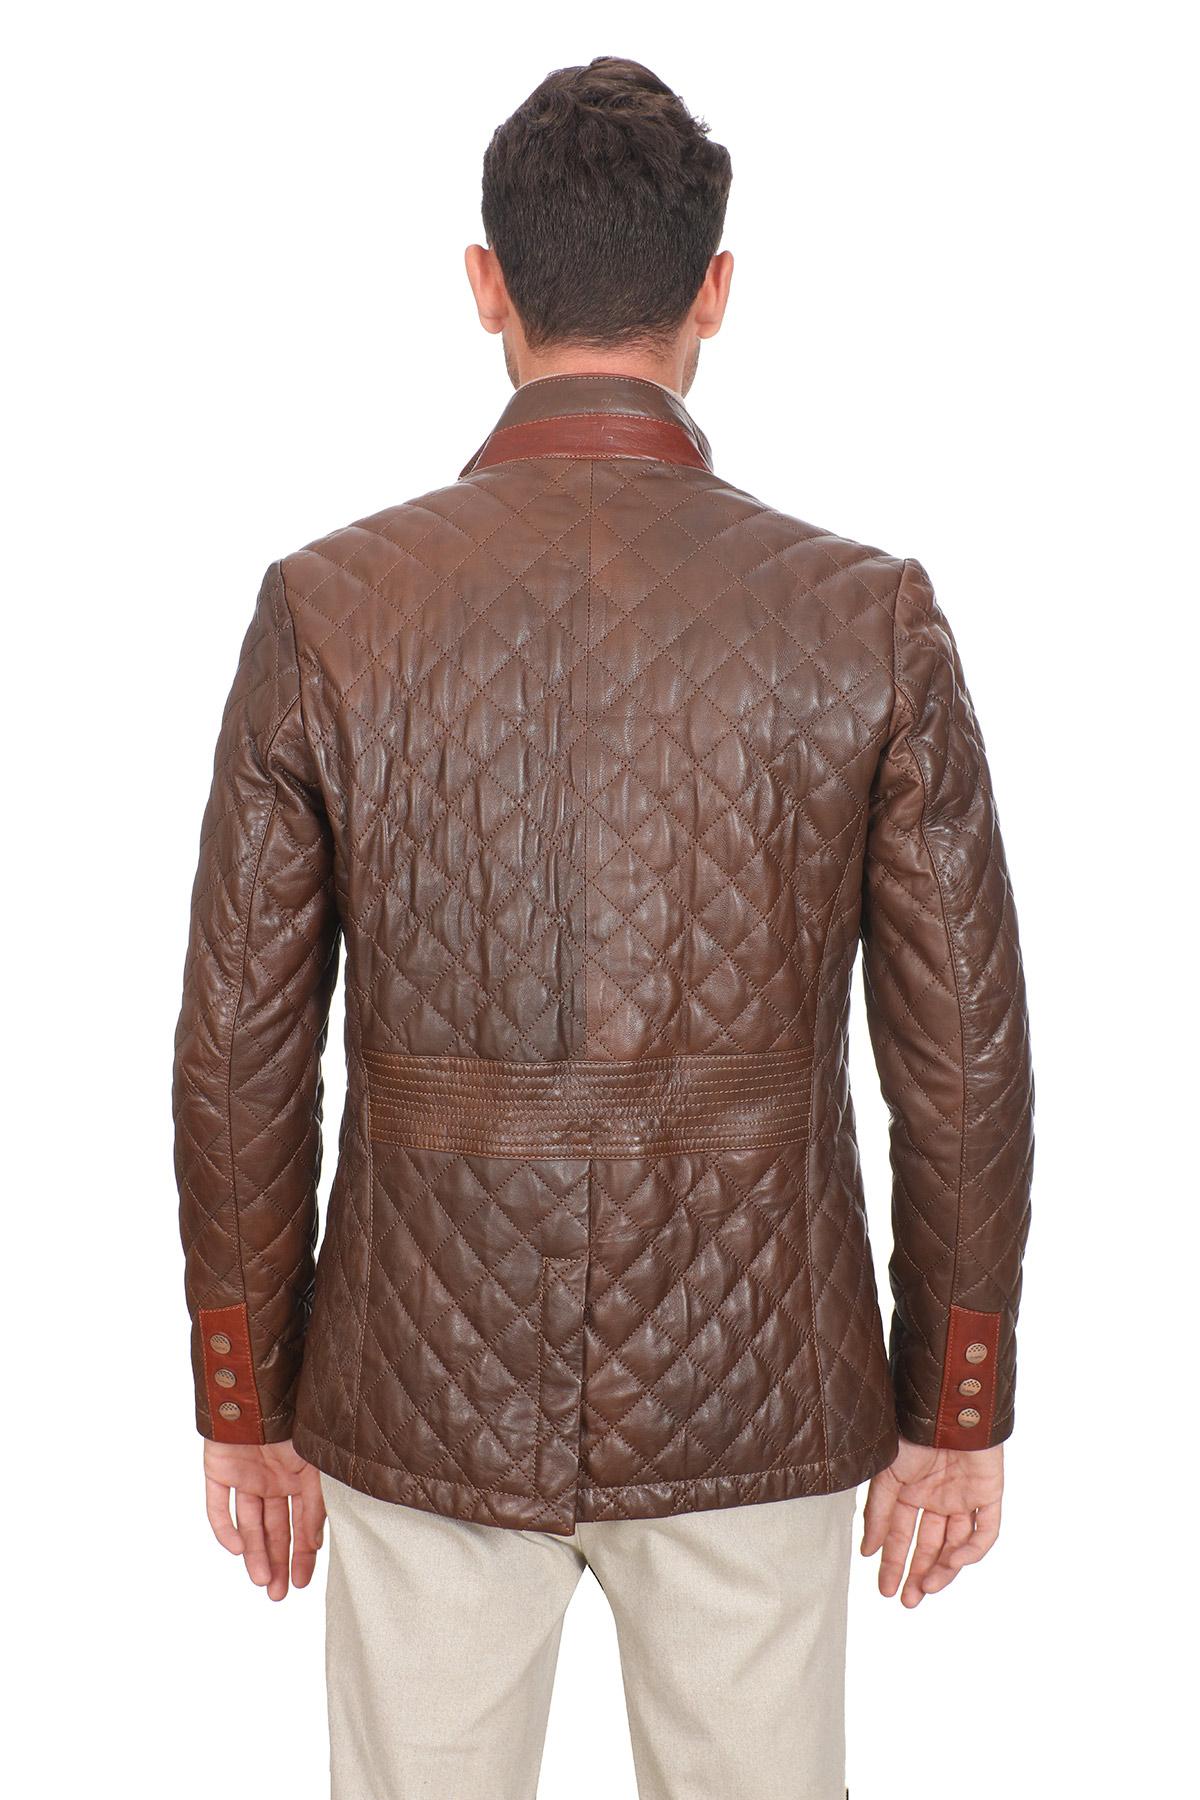 Fashion Leather Jacket Mens